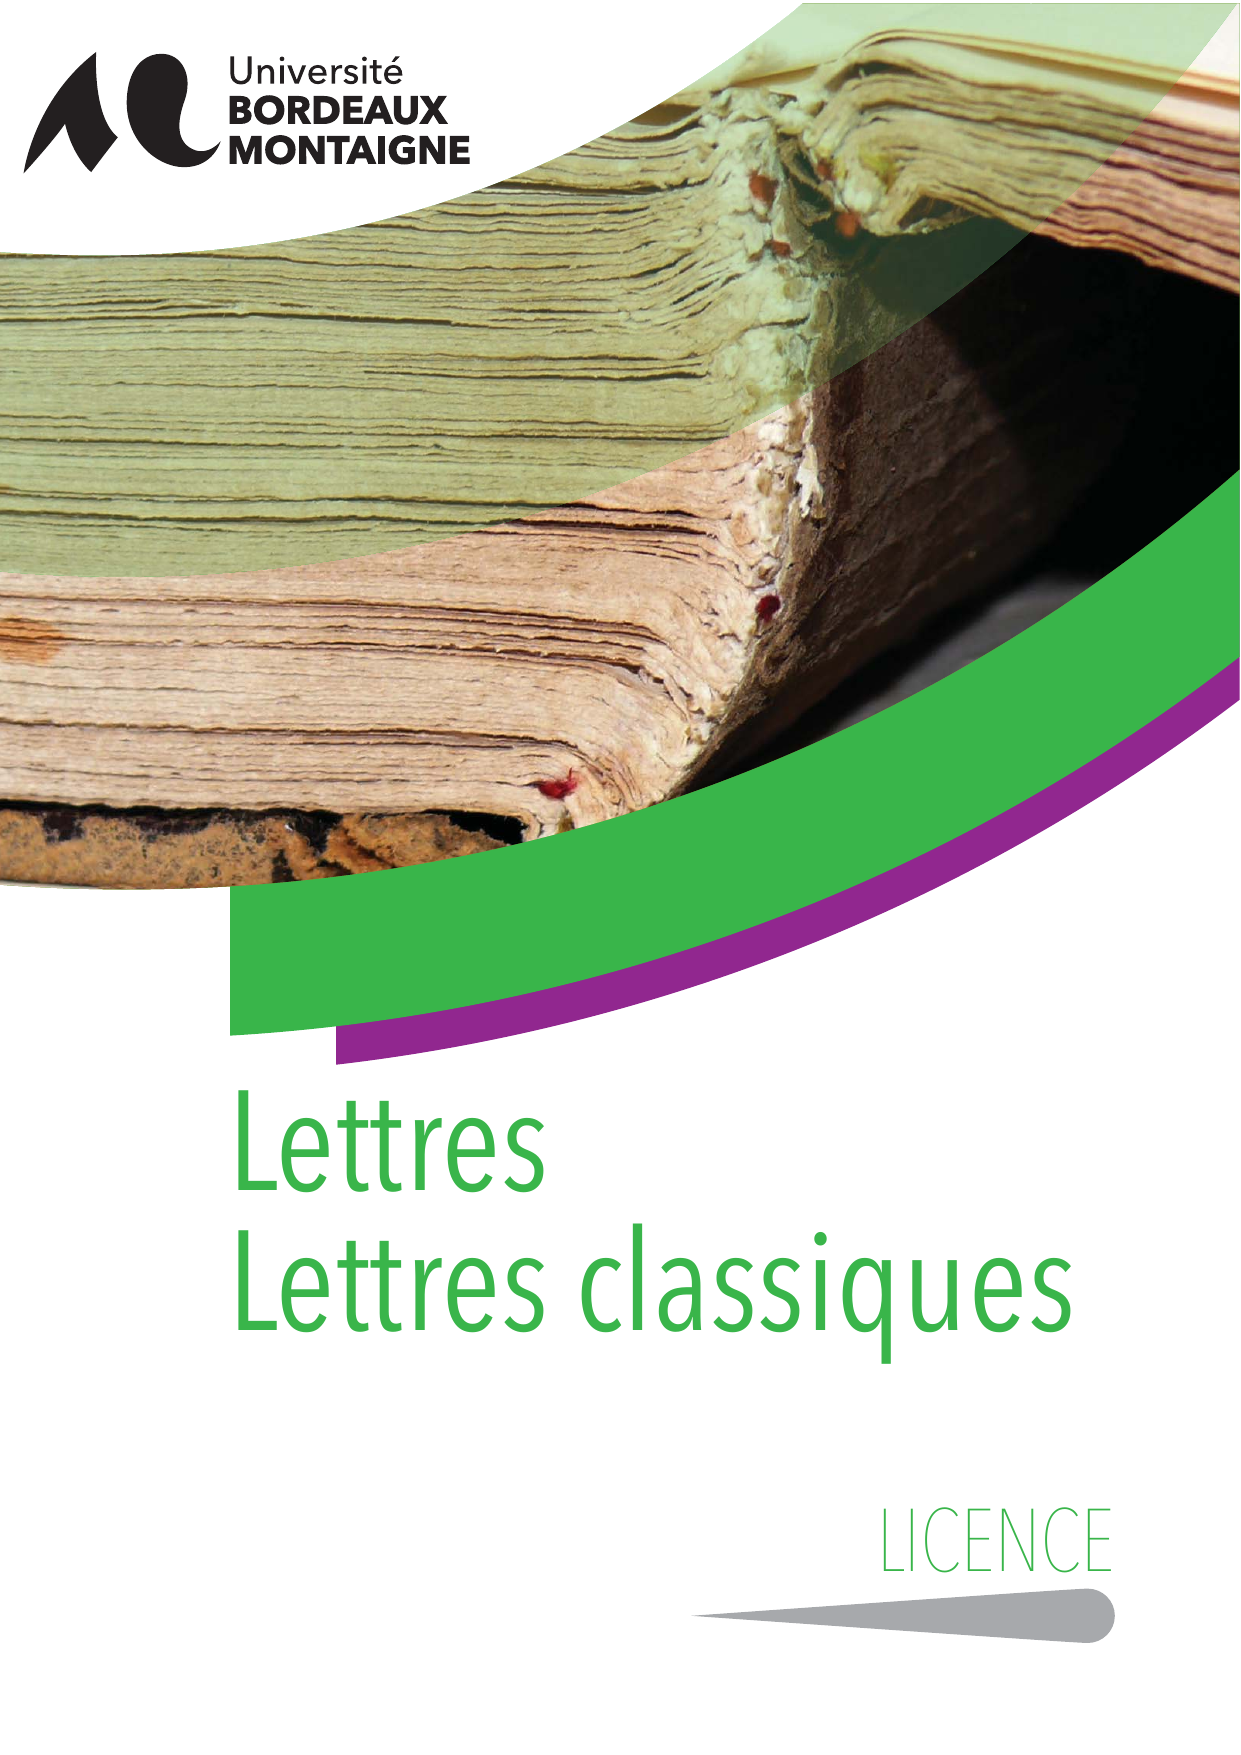 Licence Lettres classiques - Université Bordeaux Montaigne 4e4f61d02c3e